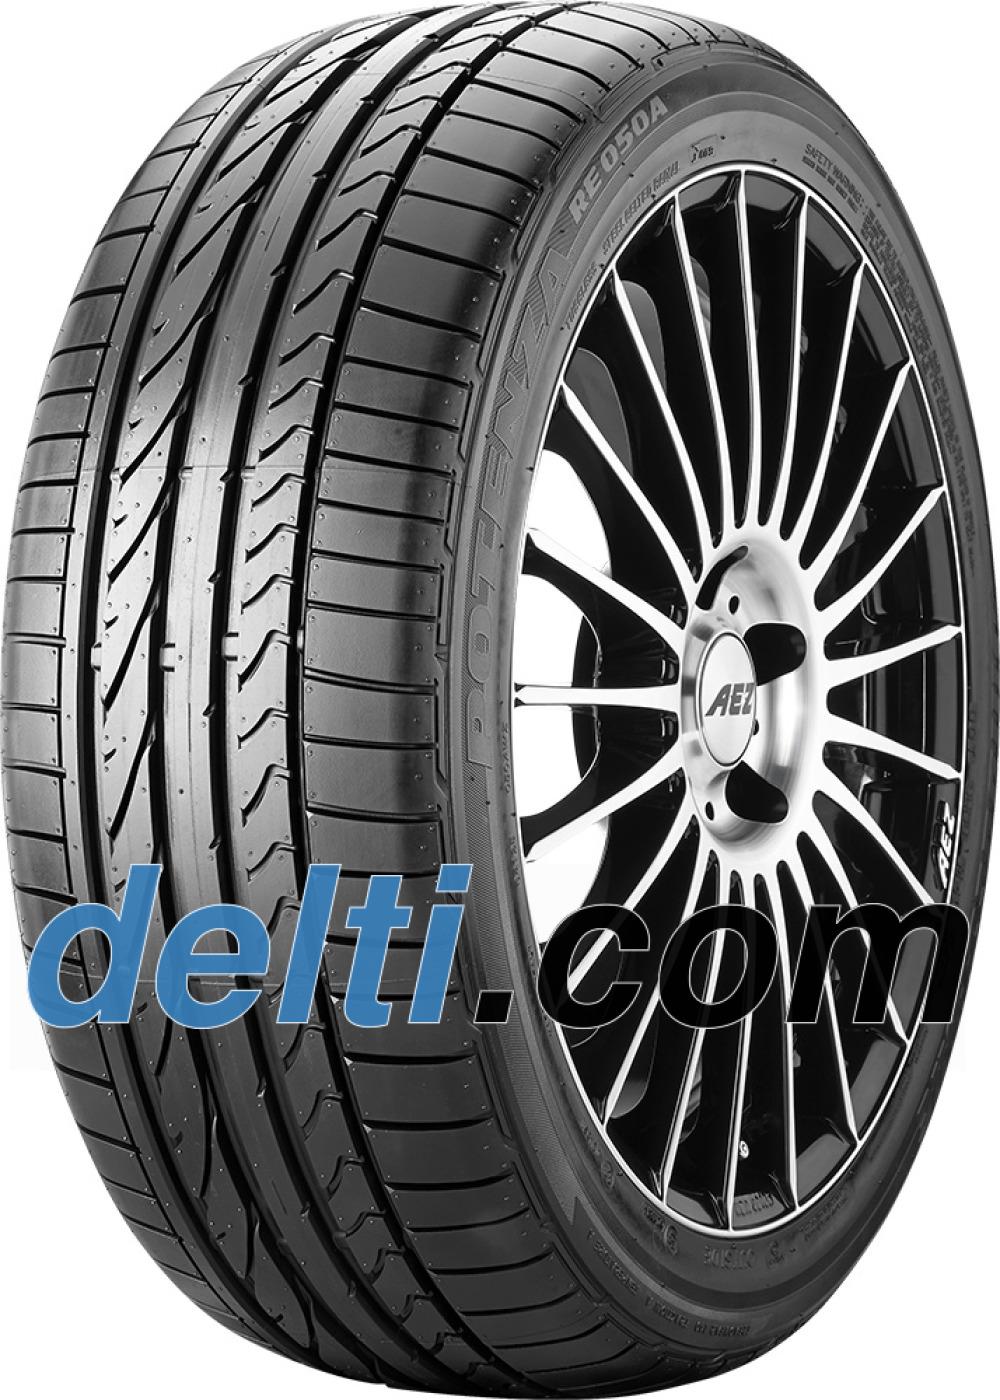 Bridgestone Potenza RE 050 A ( 225/50 R17 98Y XL con protector de llanta (MFS) )